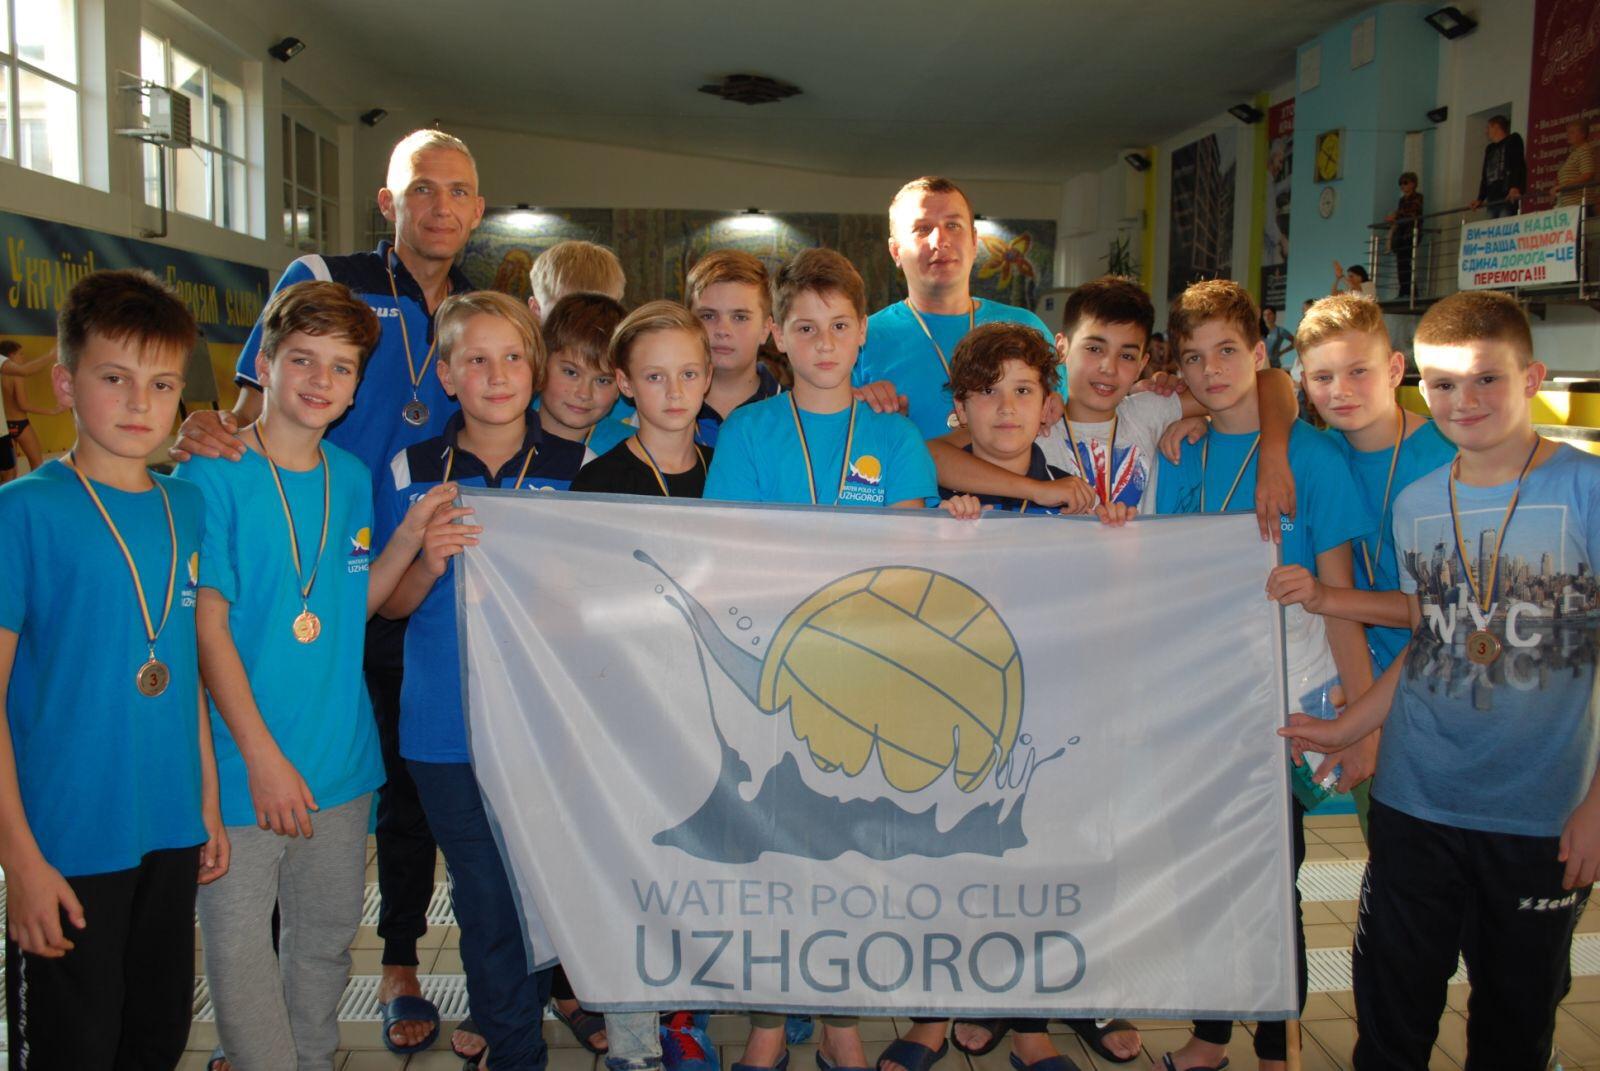 Команда ВК «Ужгород» 2007 р.н. стала бронзовим призером Чемпіонату Львівщини. Хлопці у напруженій грі з рахунком 9:6 перемогли команду ДЮСШ №3.